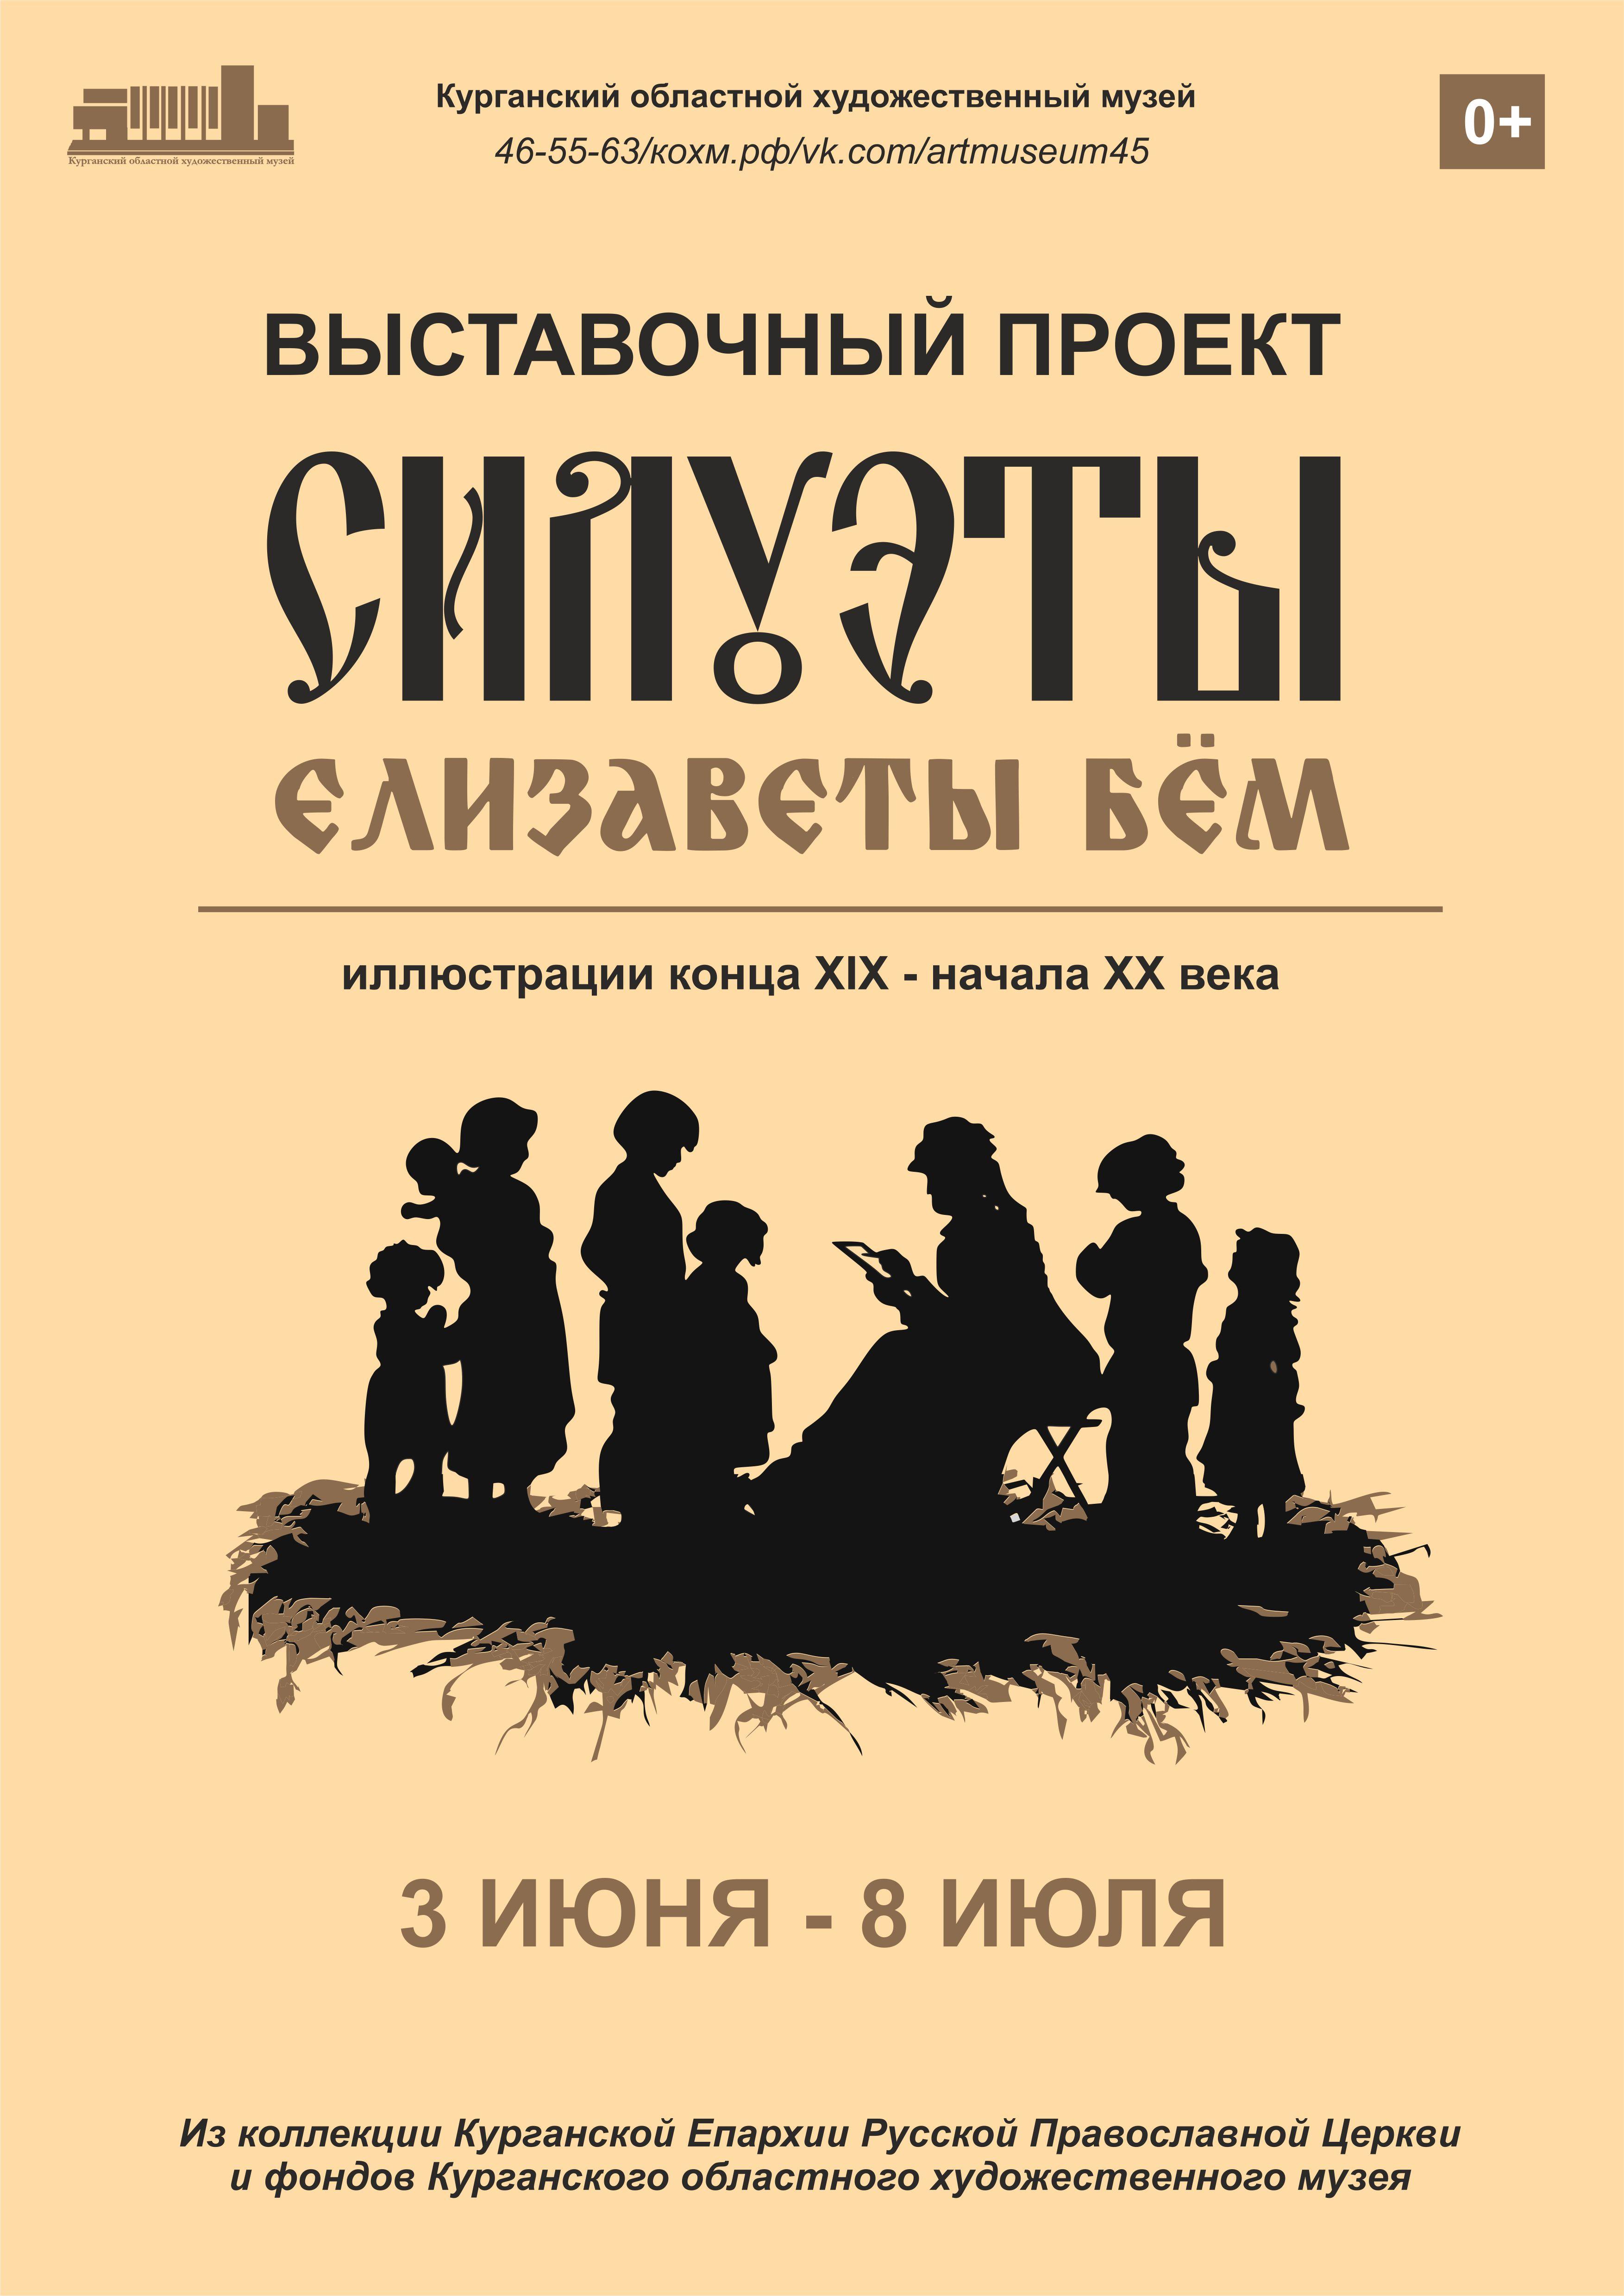 мероприятие Выставочный проект Силуэты Елизаветы Бём курган афиша расписание